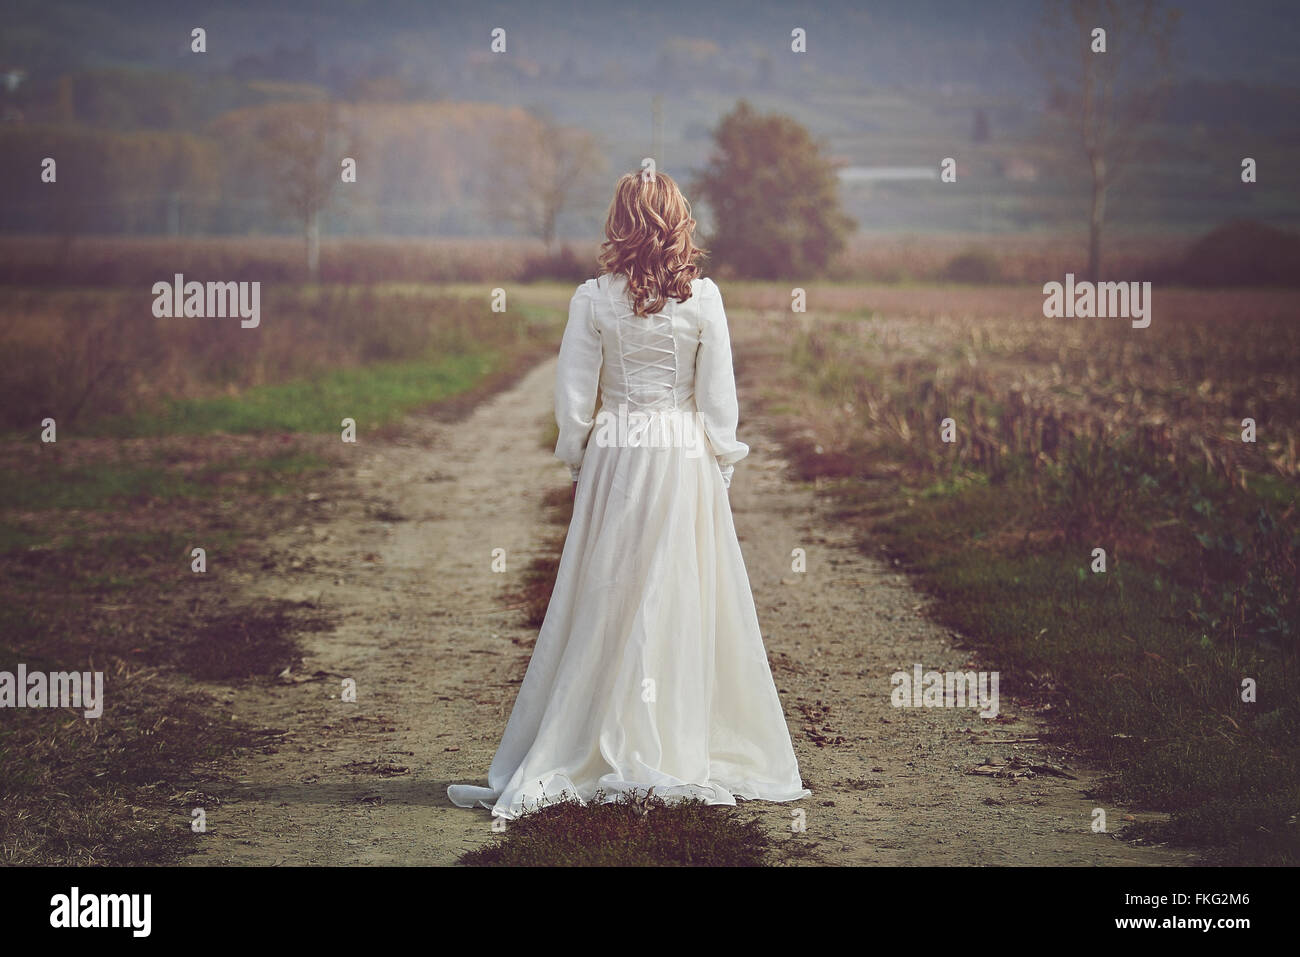 Novia vestidos con hermosos campos en el país. Pureza e inocencia Imagen De Stock